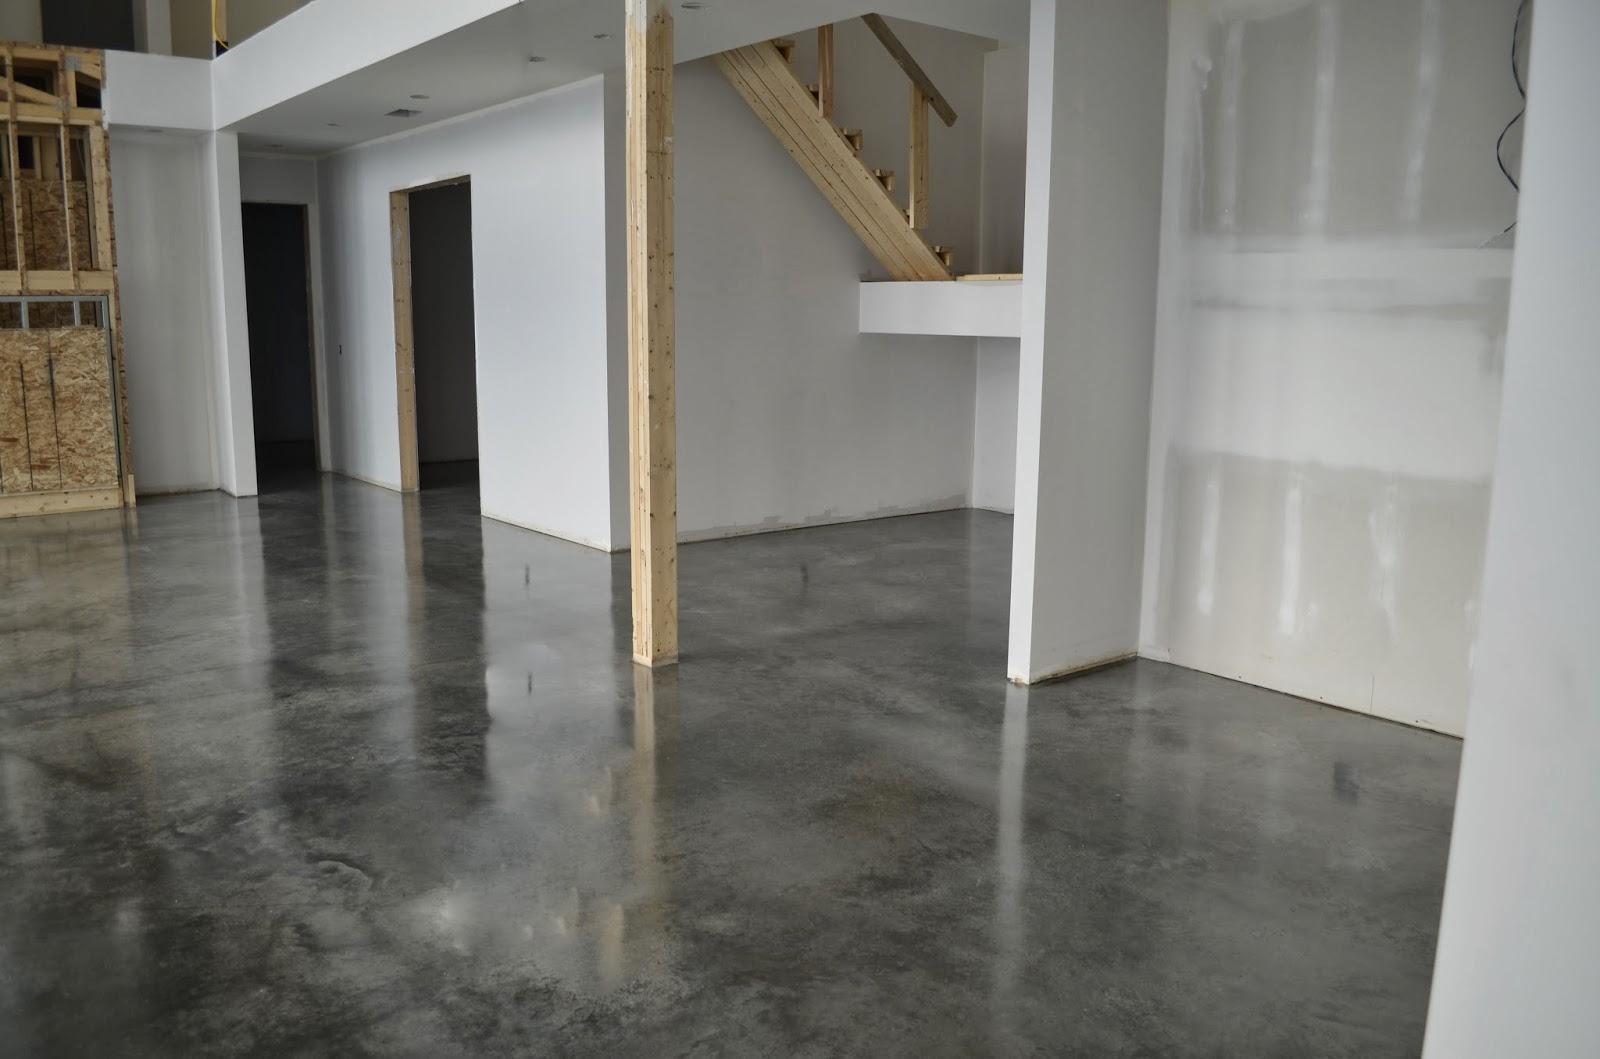 Modern Concrete Floors : Mode concrete environmentally conscious floors